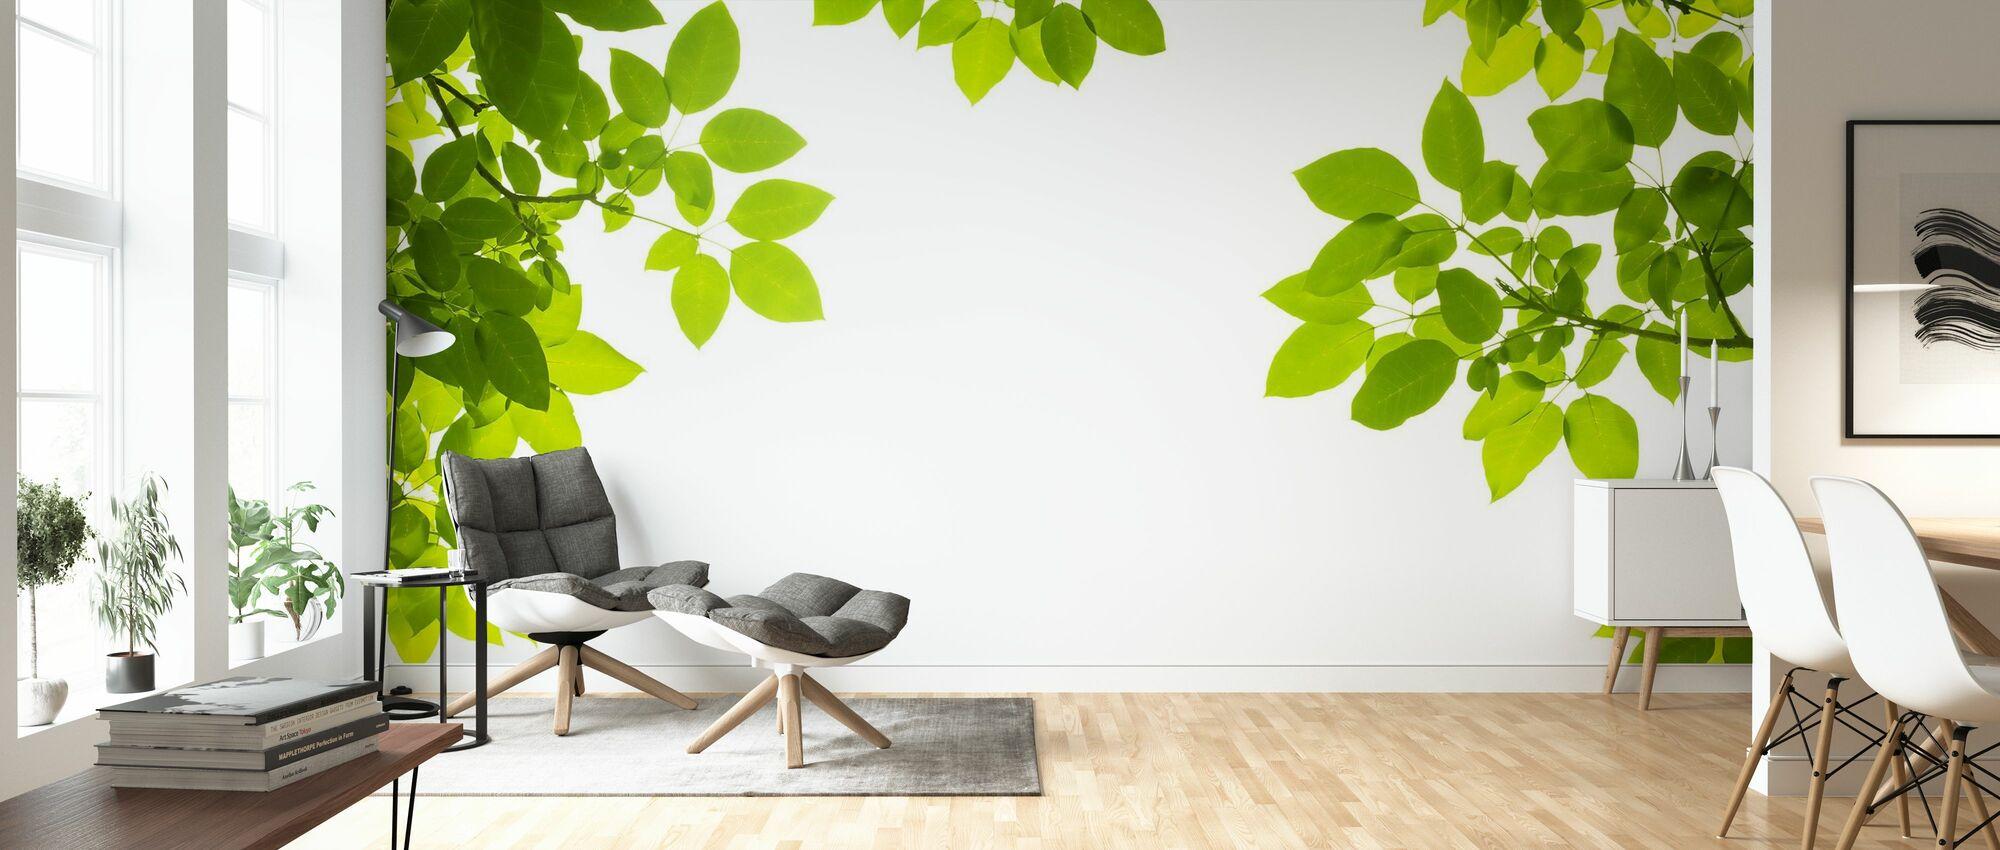 Decke aus frischen Blättern - Tapete - Wohnzimmer